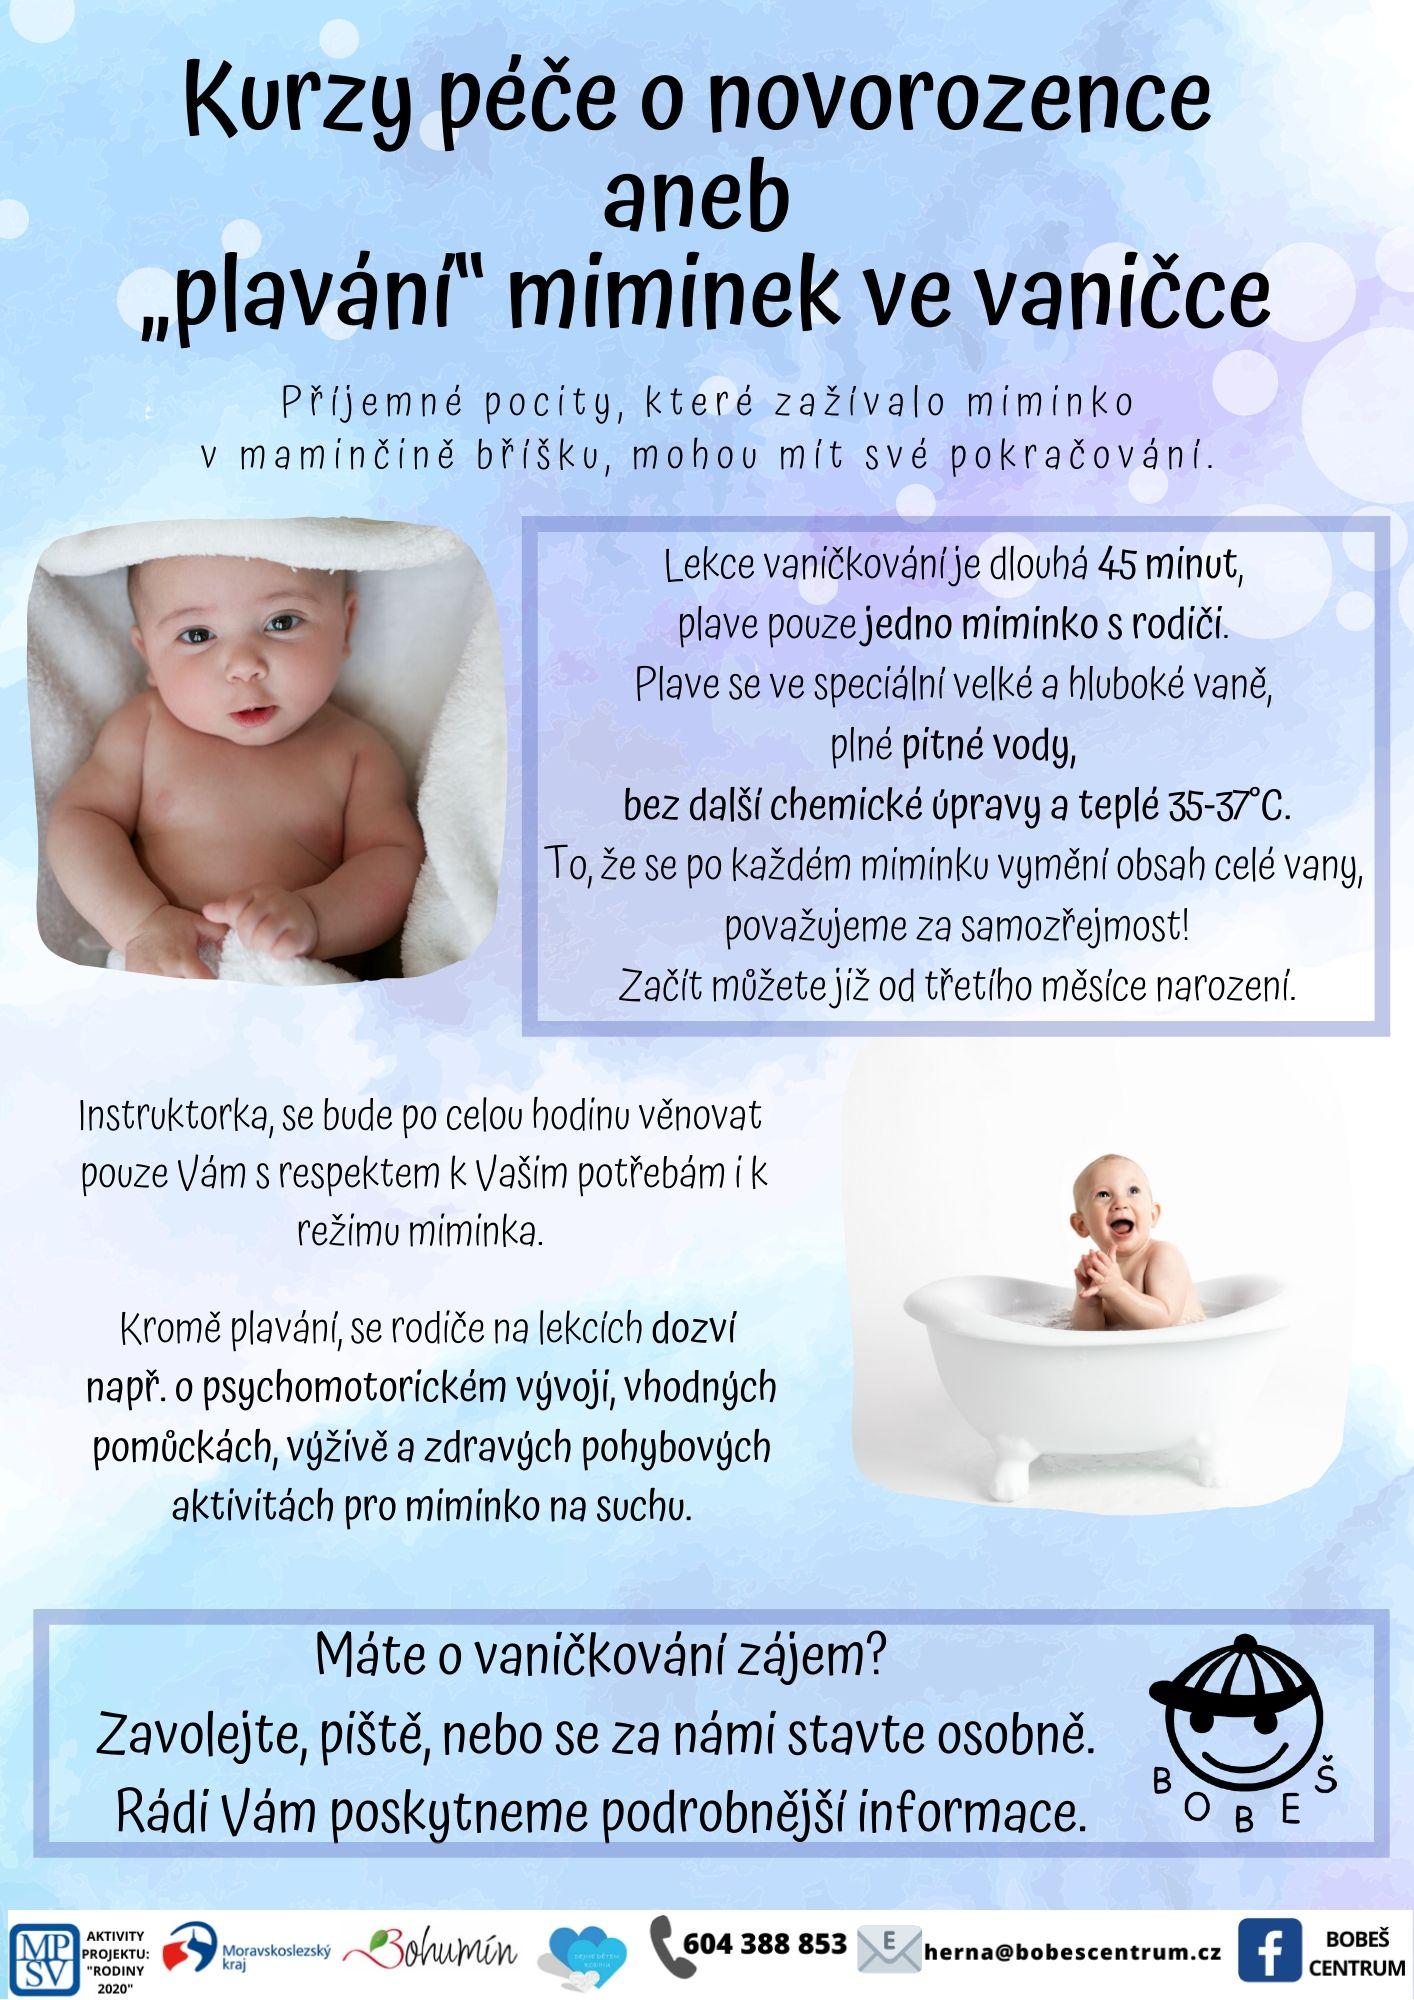 """Kurzy péče o novorozence aneb """"plavání"""" miminek ve vaničce"""